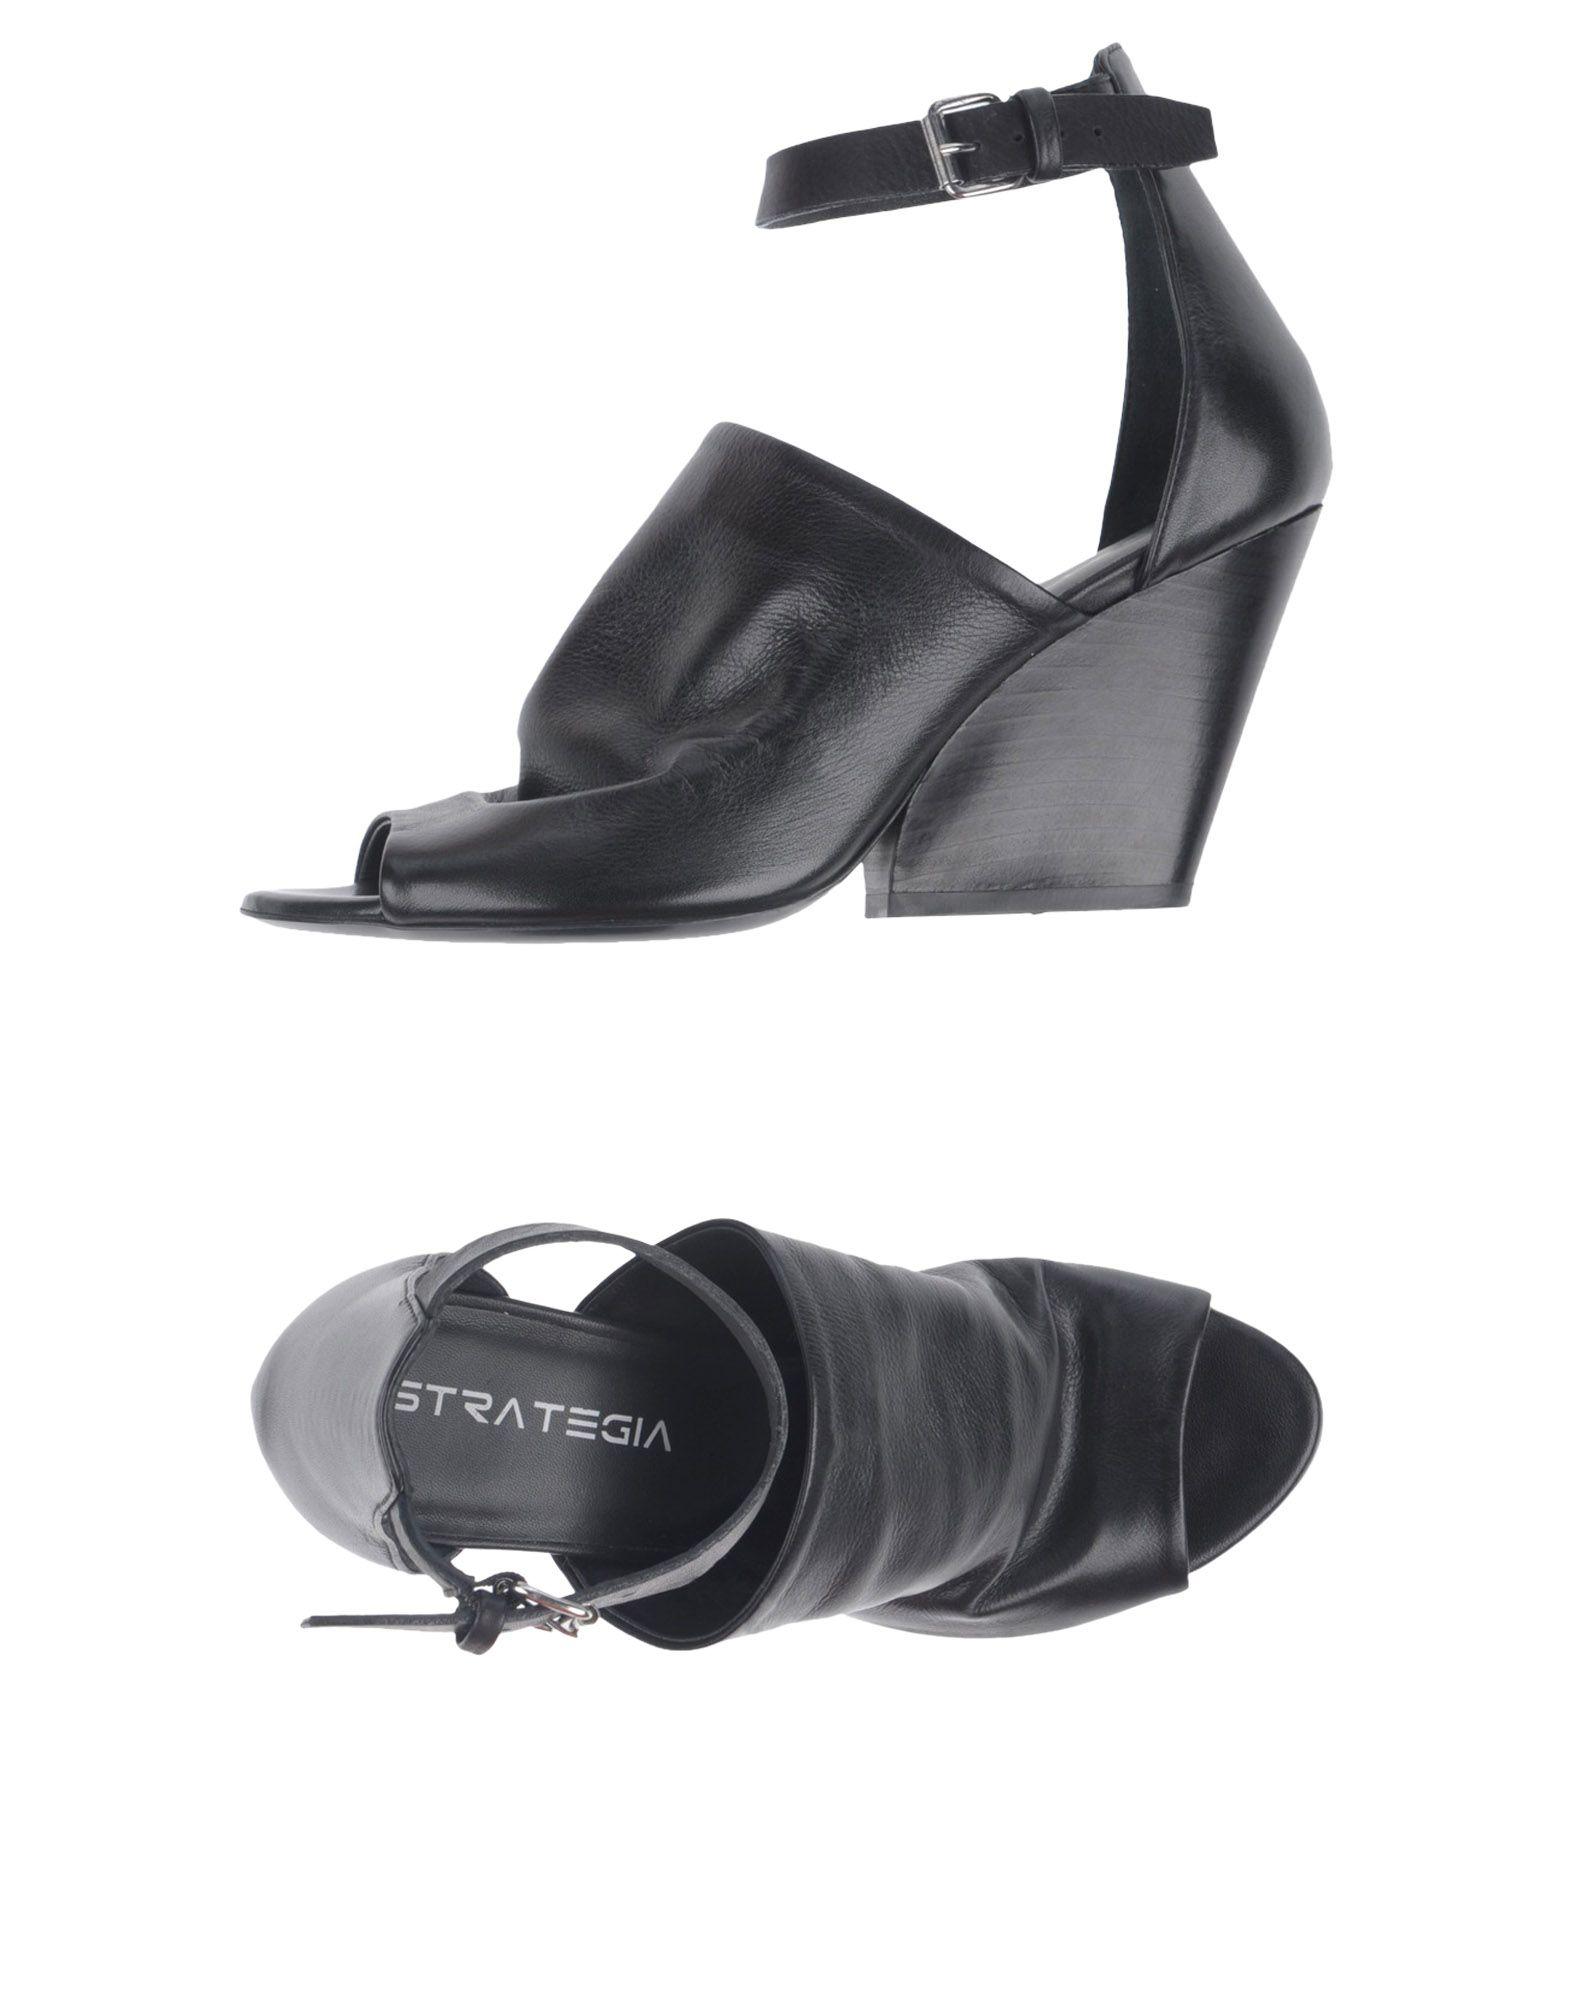 Strategia Sandalen Damen  11378823IOGut aussehende strapazierfähige Schuhe